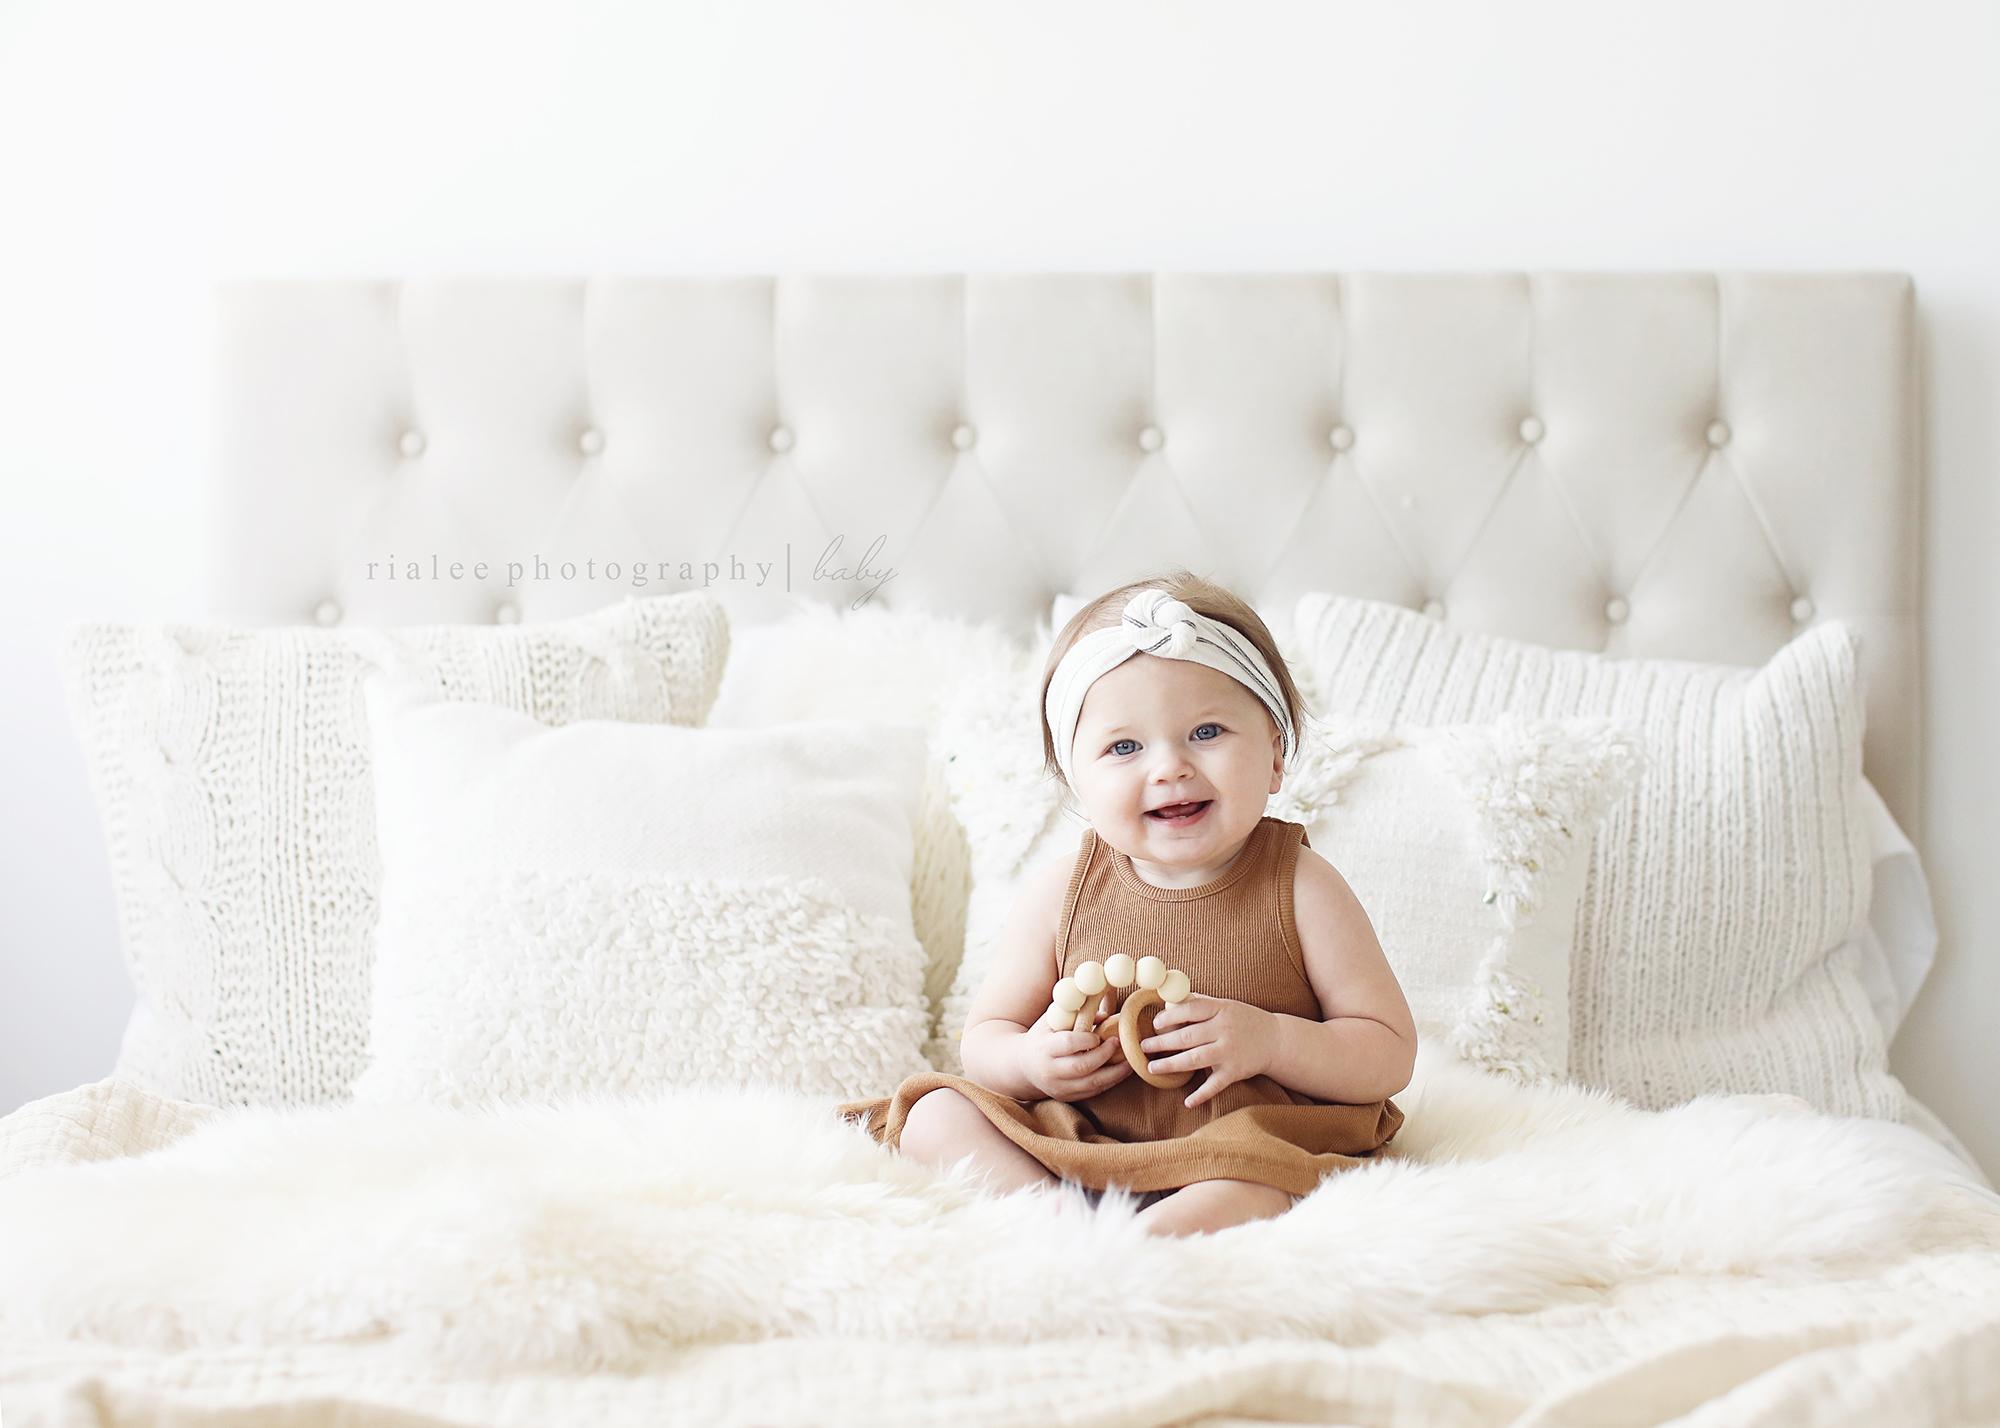 babyphotographerinfargo.jpg